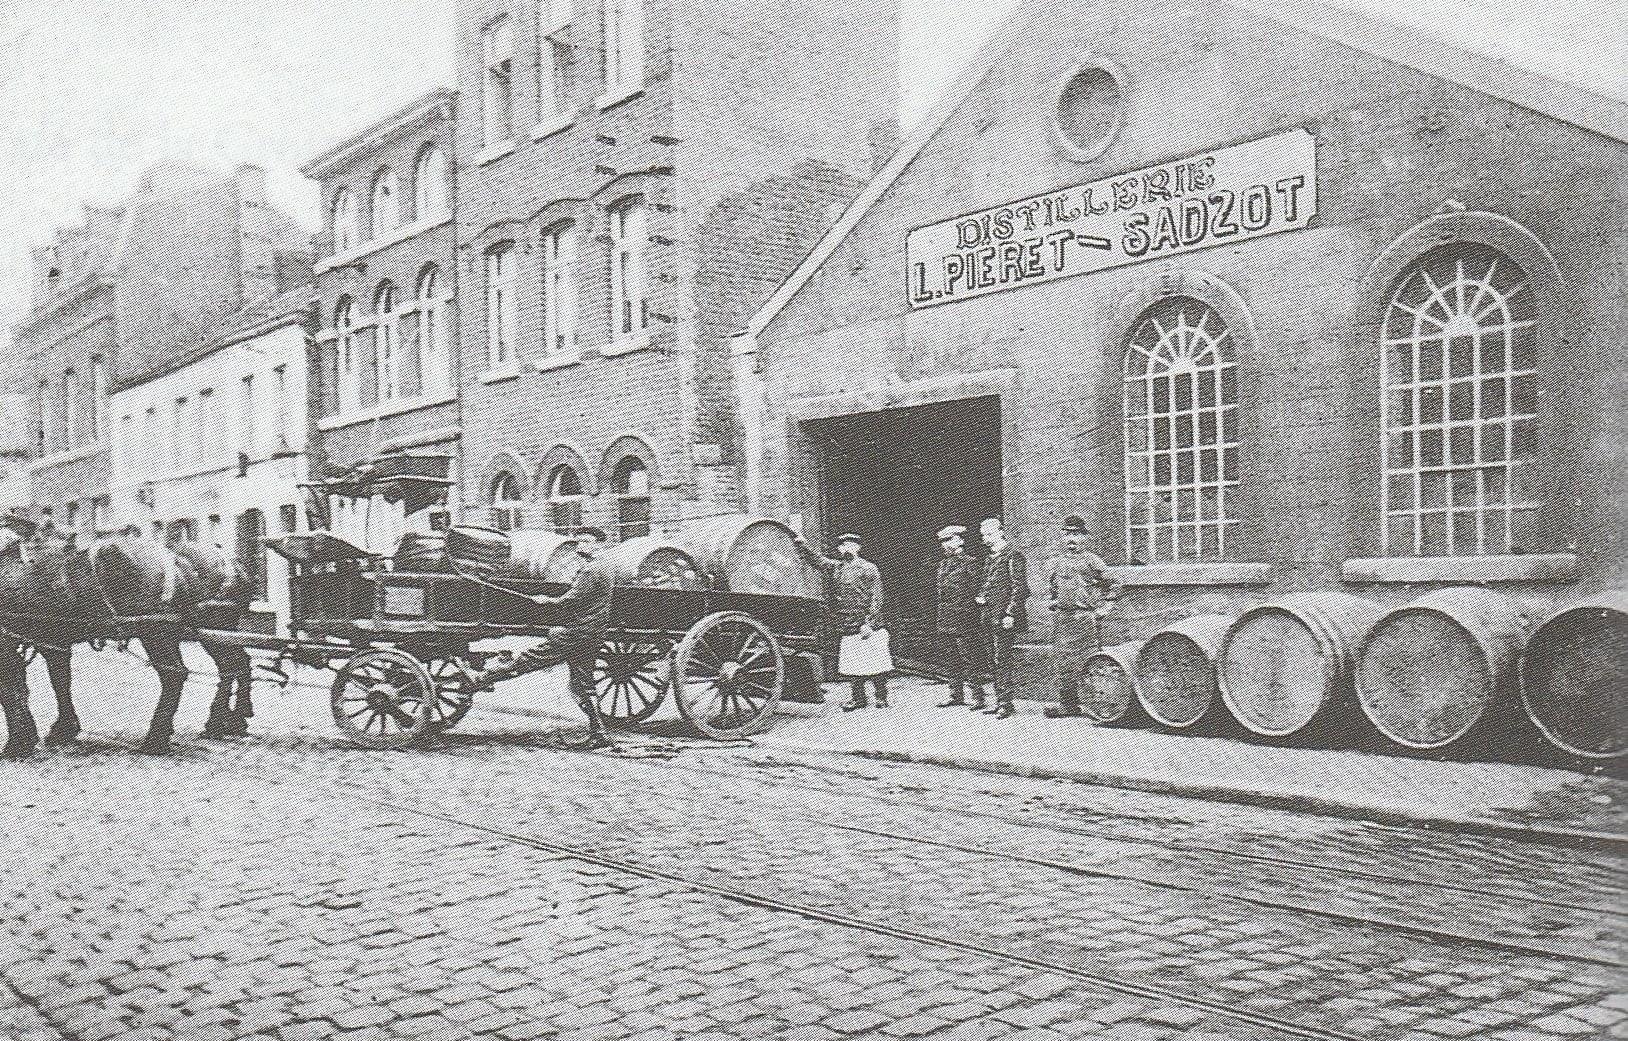 Liege-Distillerie-L-Piere-Sadzot